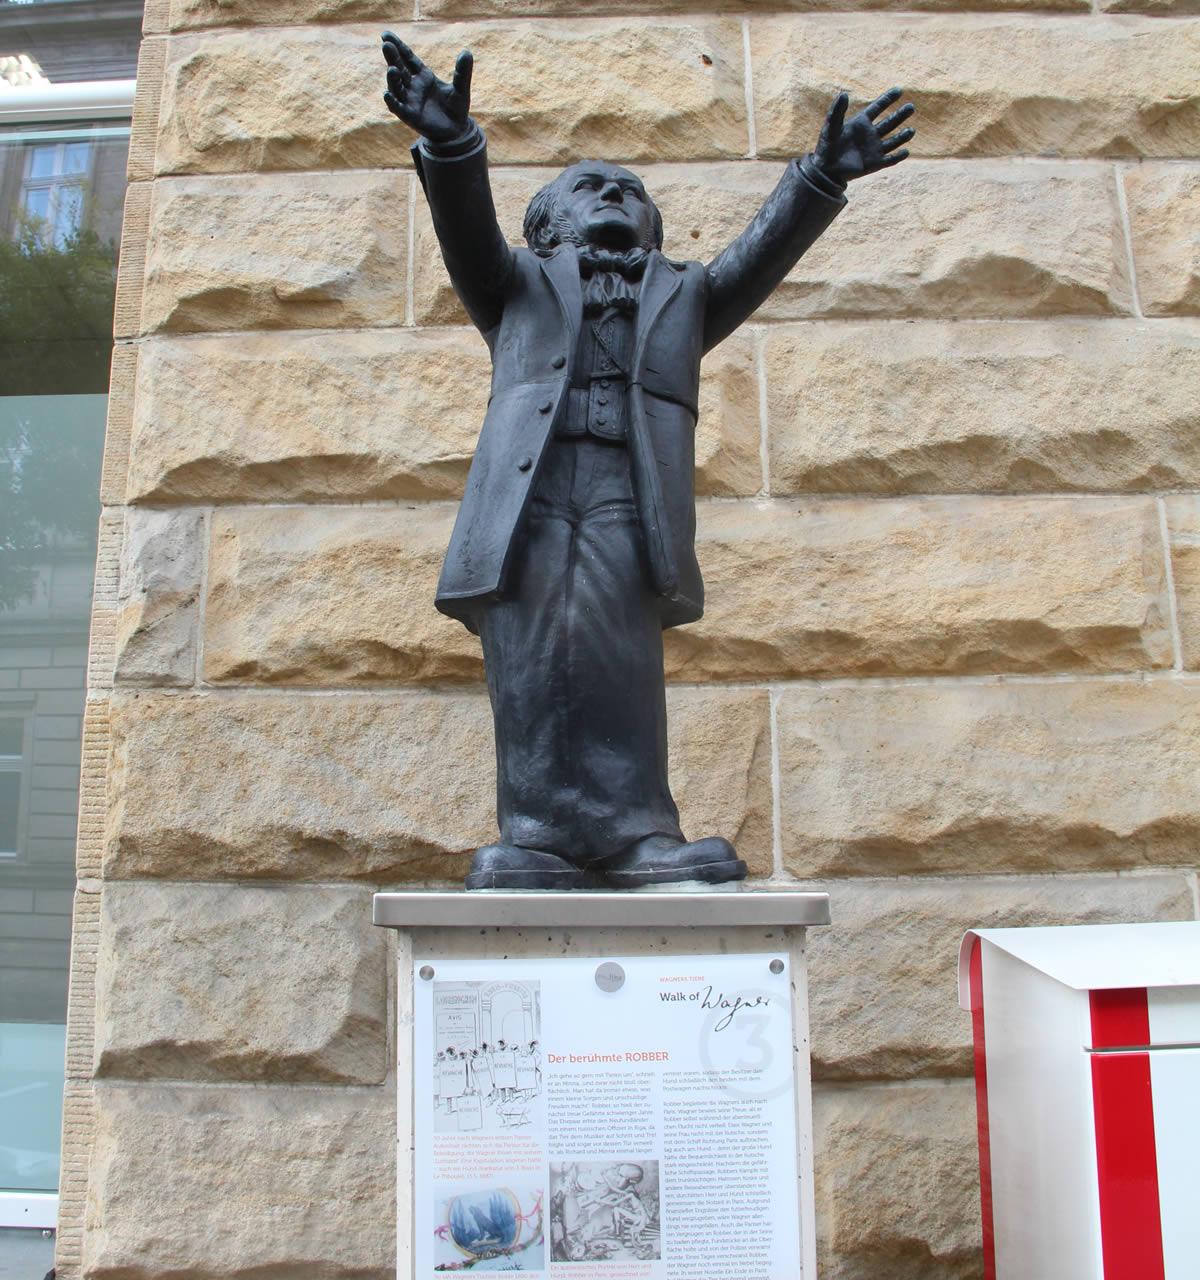 Uno de los pedestales del paseo, con la escultura de Ottmar Hörl. © Bayreuth.es